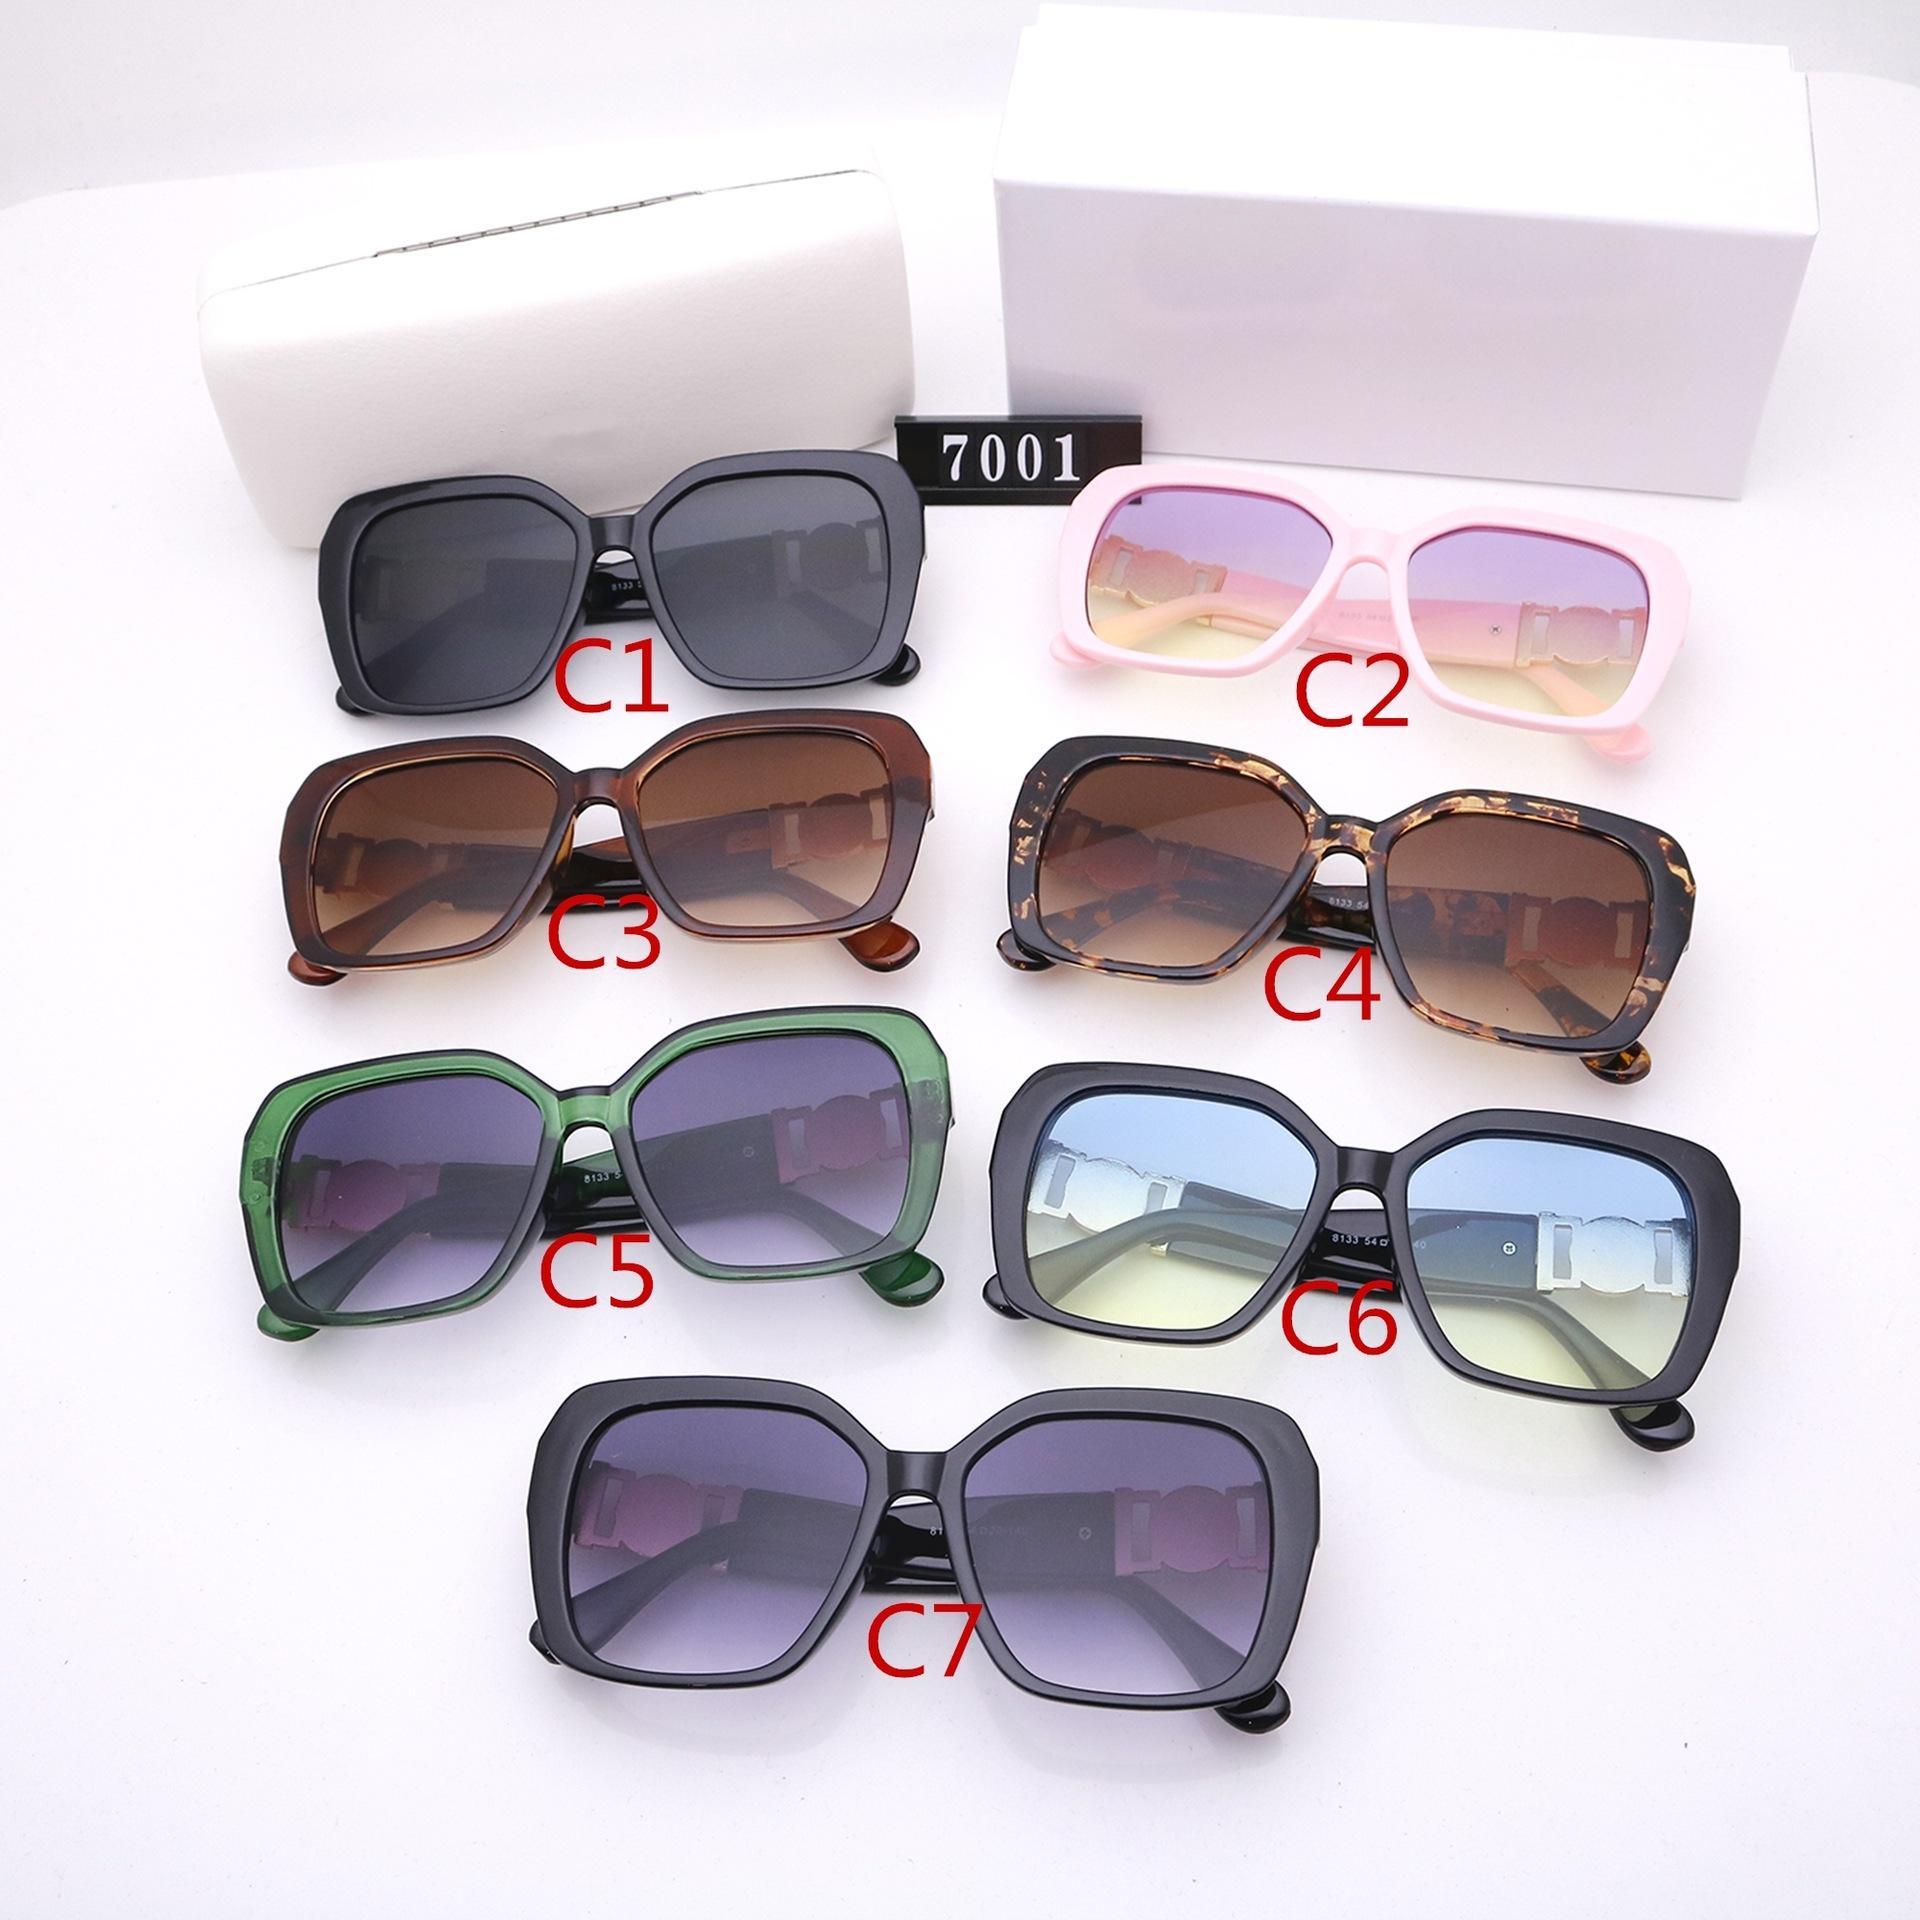 نظارات شمسية من خمسة ألوان أزياء للرجال والنساء المصممين الفضلات عالية الجودة HD الاستقطاب عدسات الكلاسيكية إطار القيادة الإطار الكبير 7001